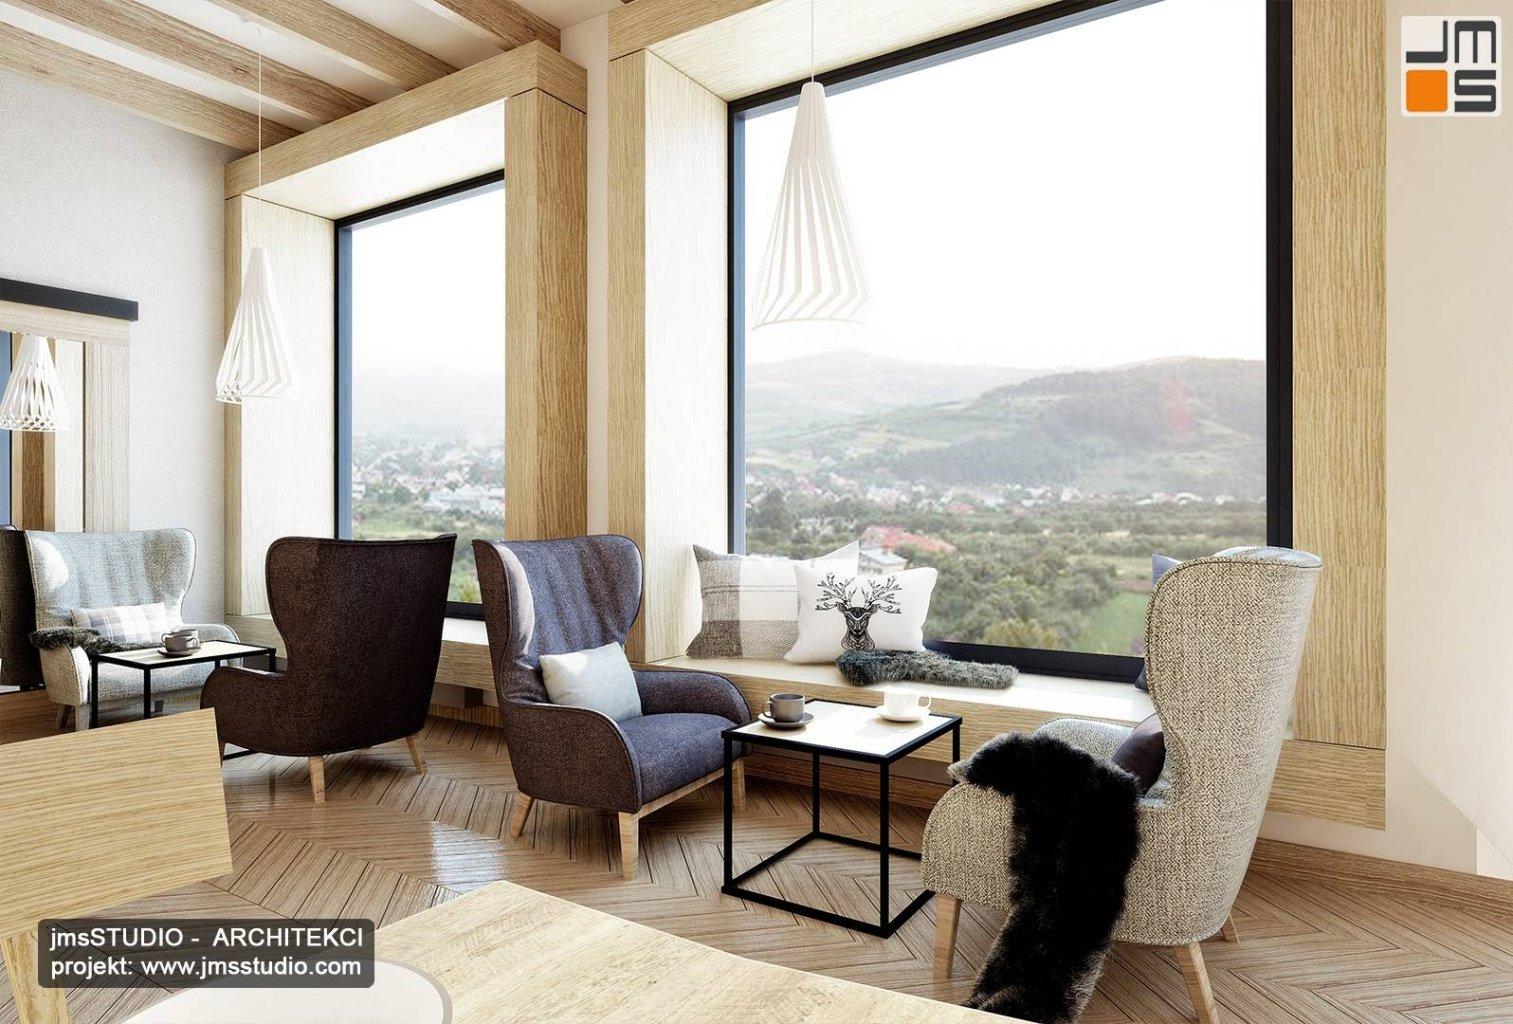 projekt wnętrz restauracji regionalnej z parapet do siedzenia i drewniane dekoracyjne ramy okienne